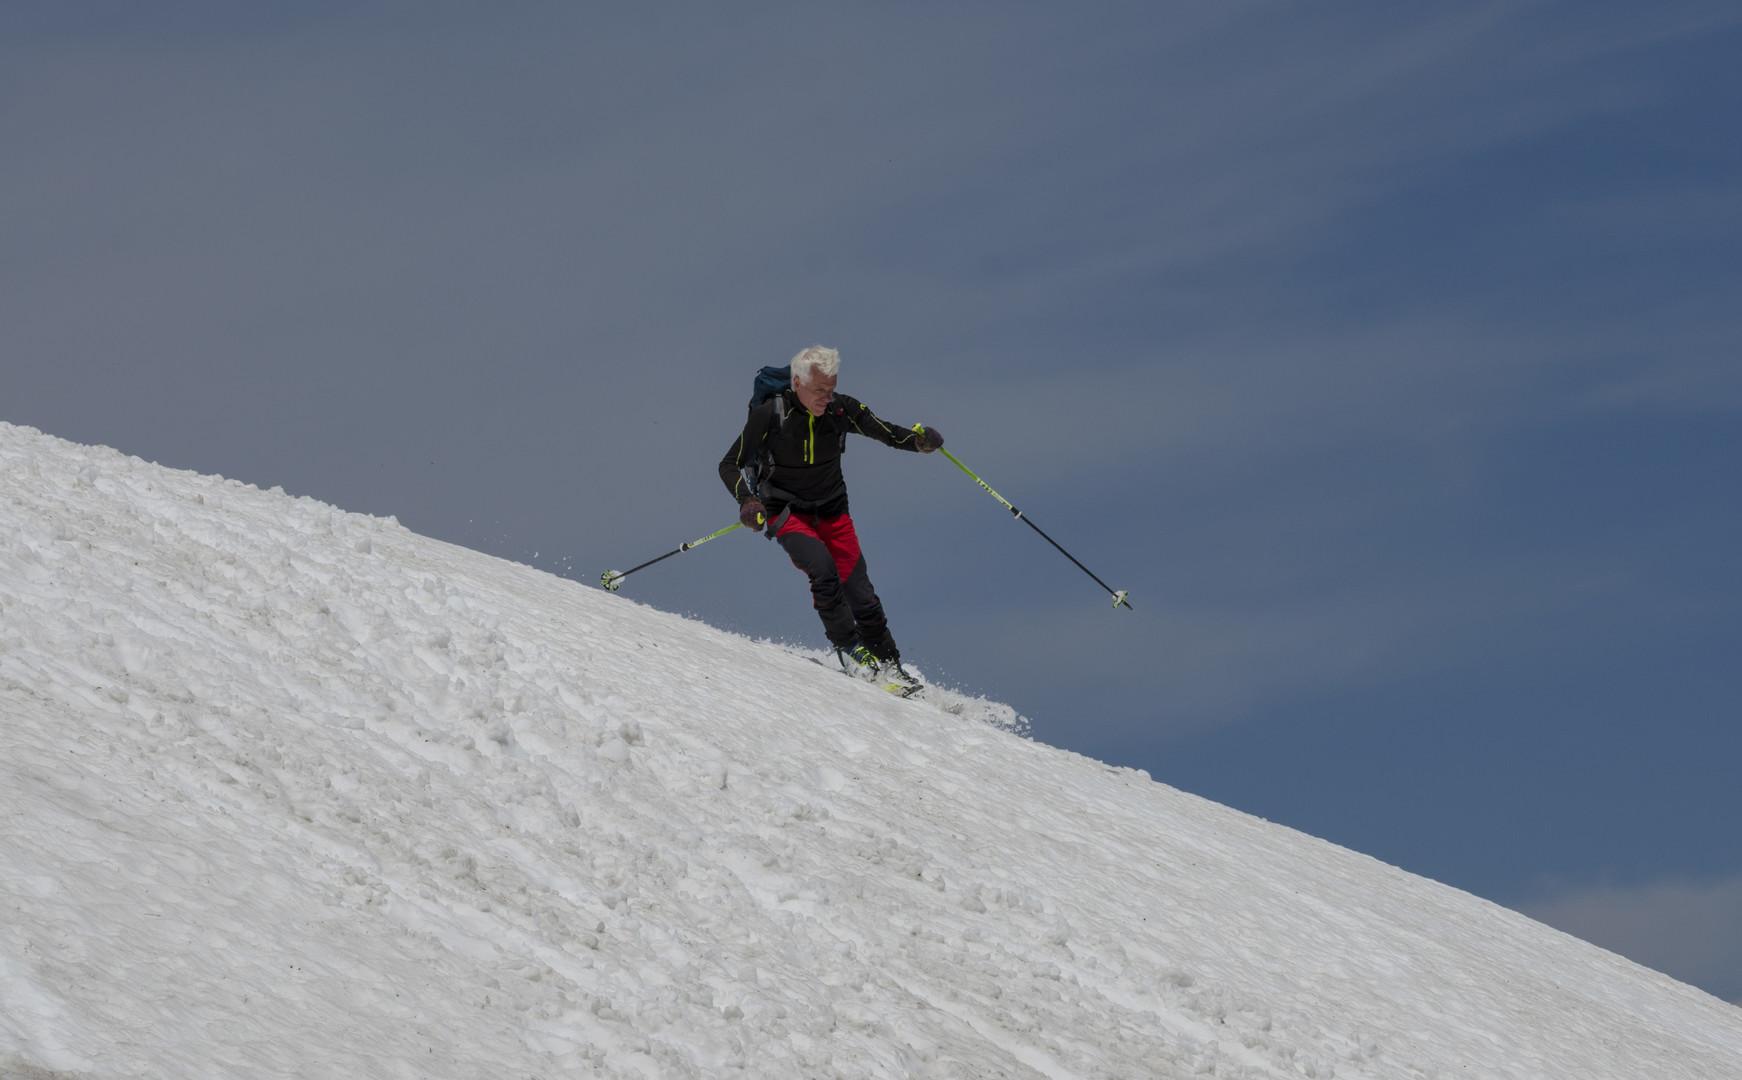 Letnje skijanje